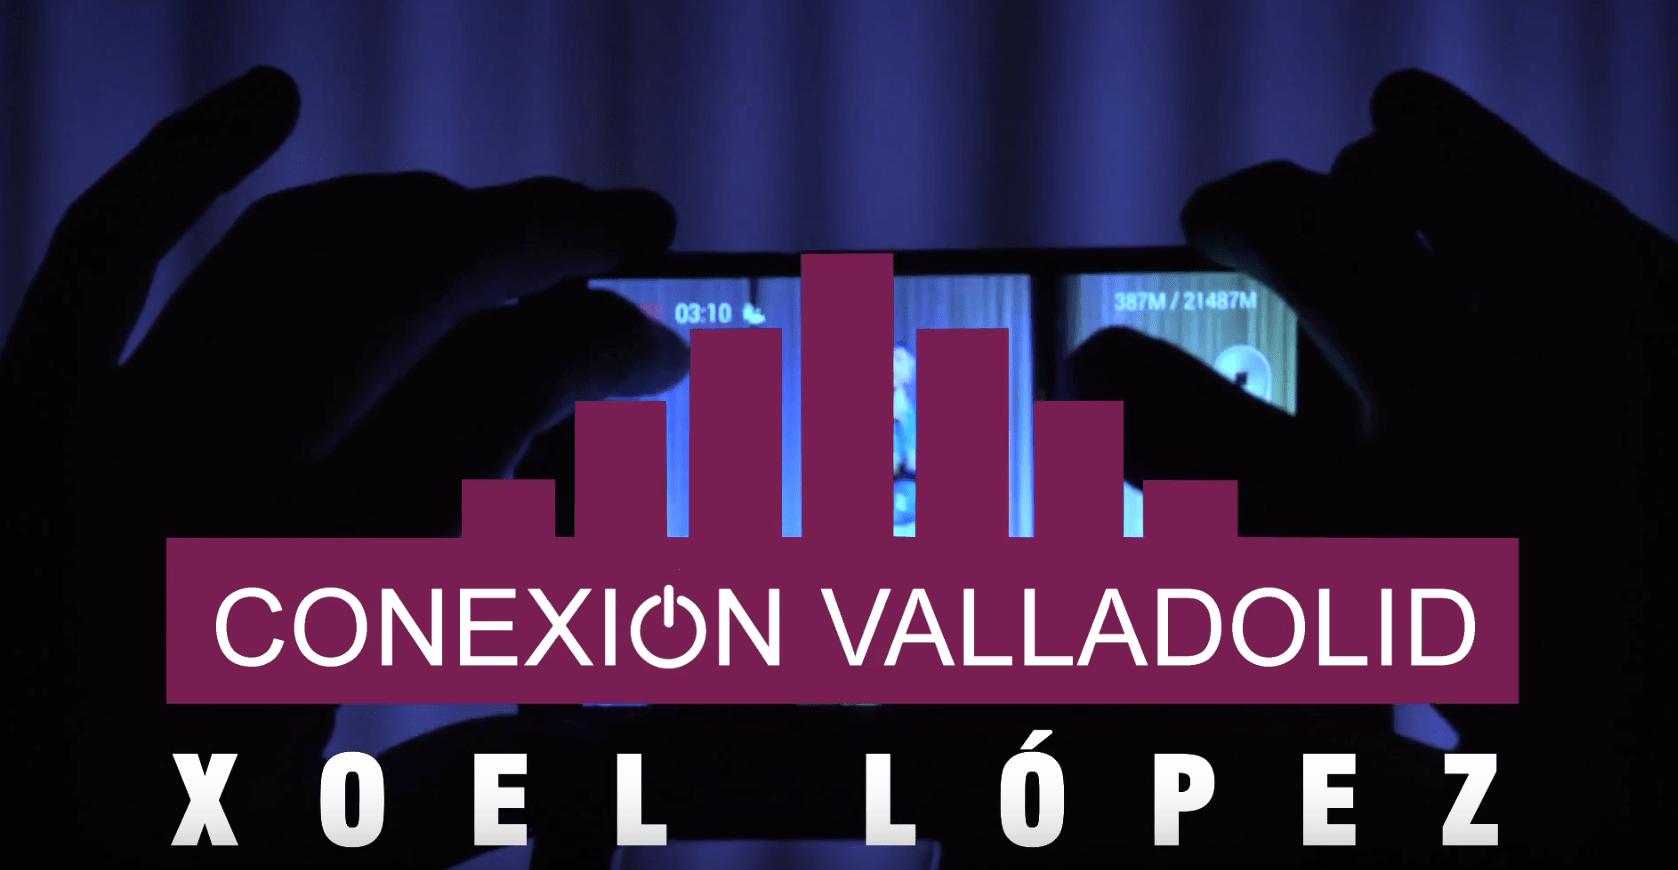 XOEL LÓPEZ - CONEXIÓN VALLADOLID